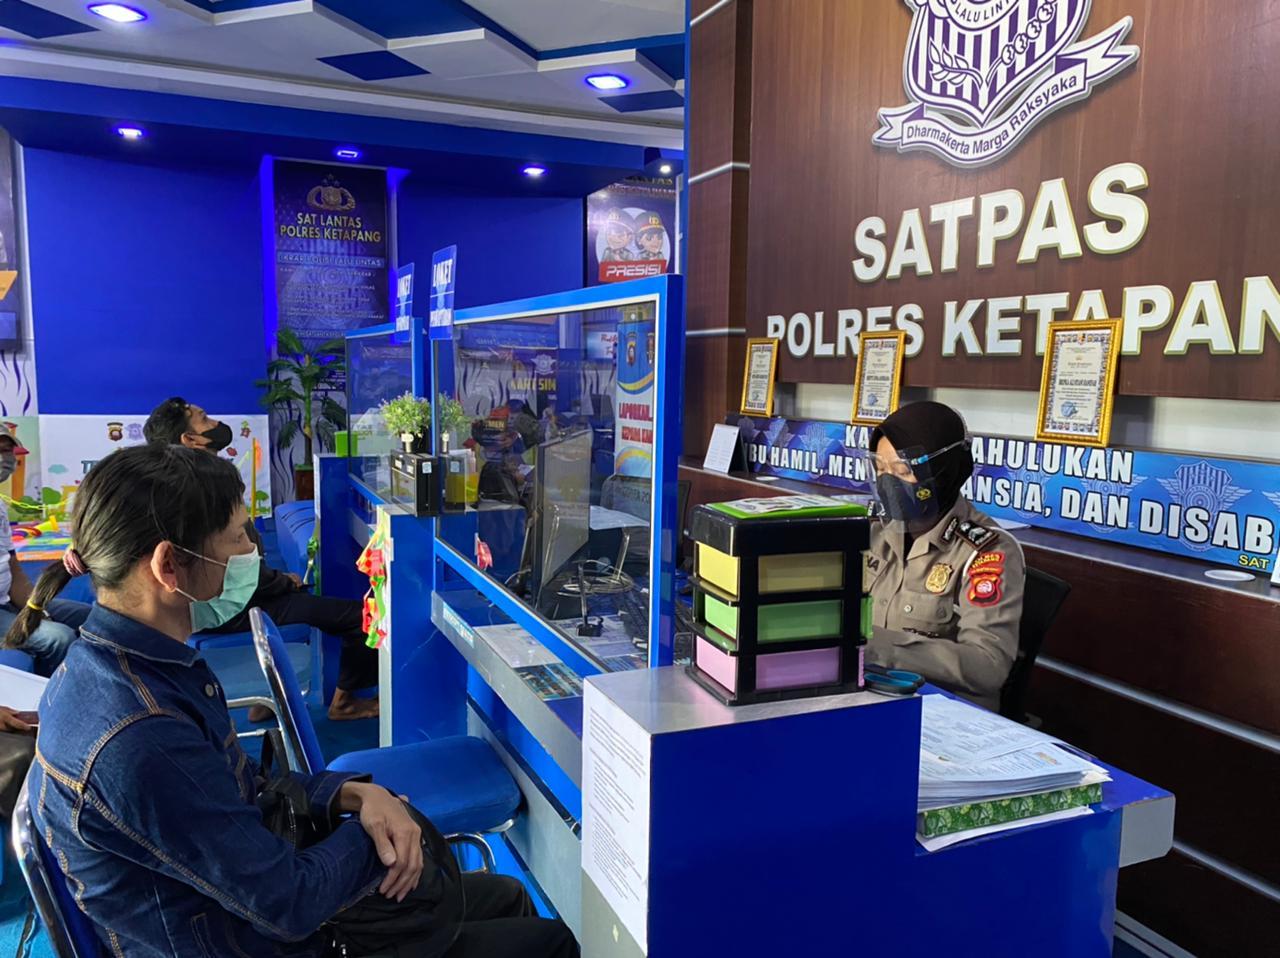 Pelayanan satpas Ketapang tetap terapkan protokol kesehatan pencegahan covid 19